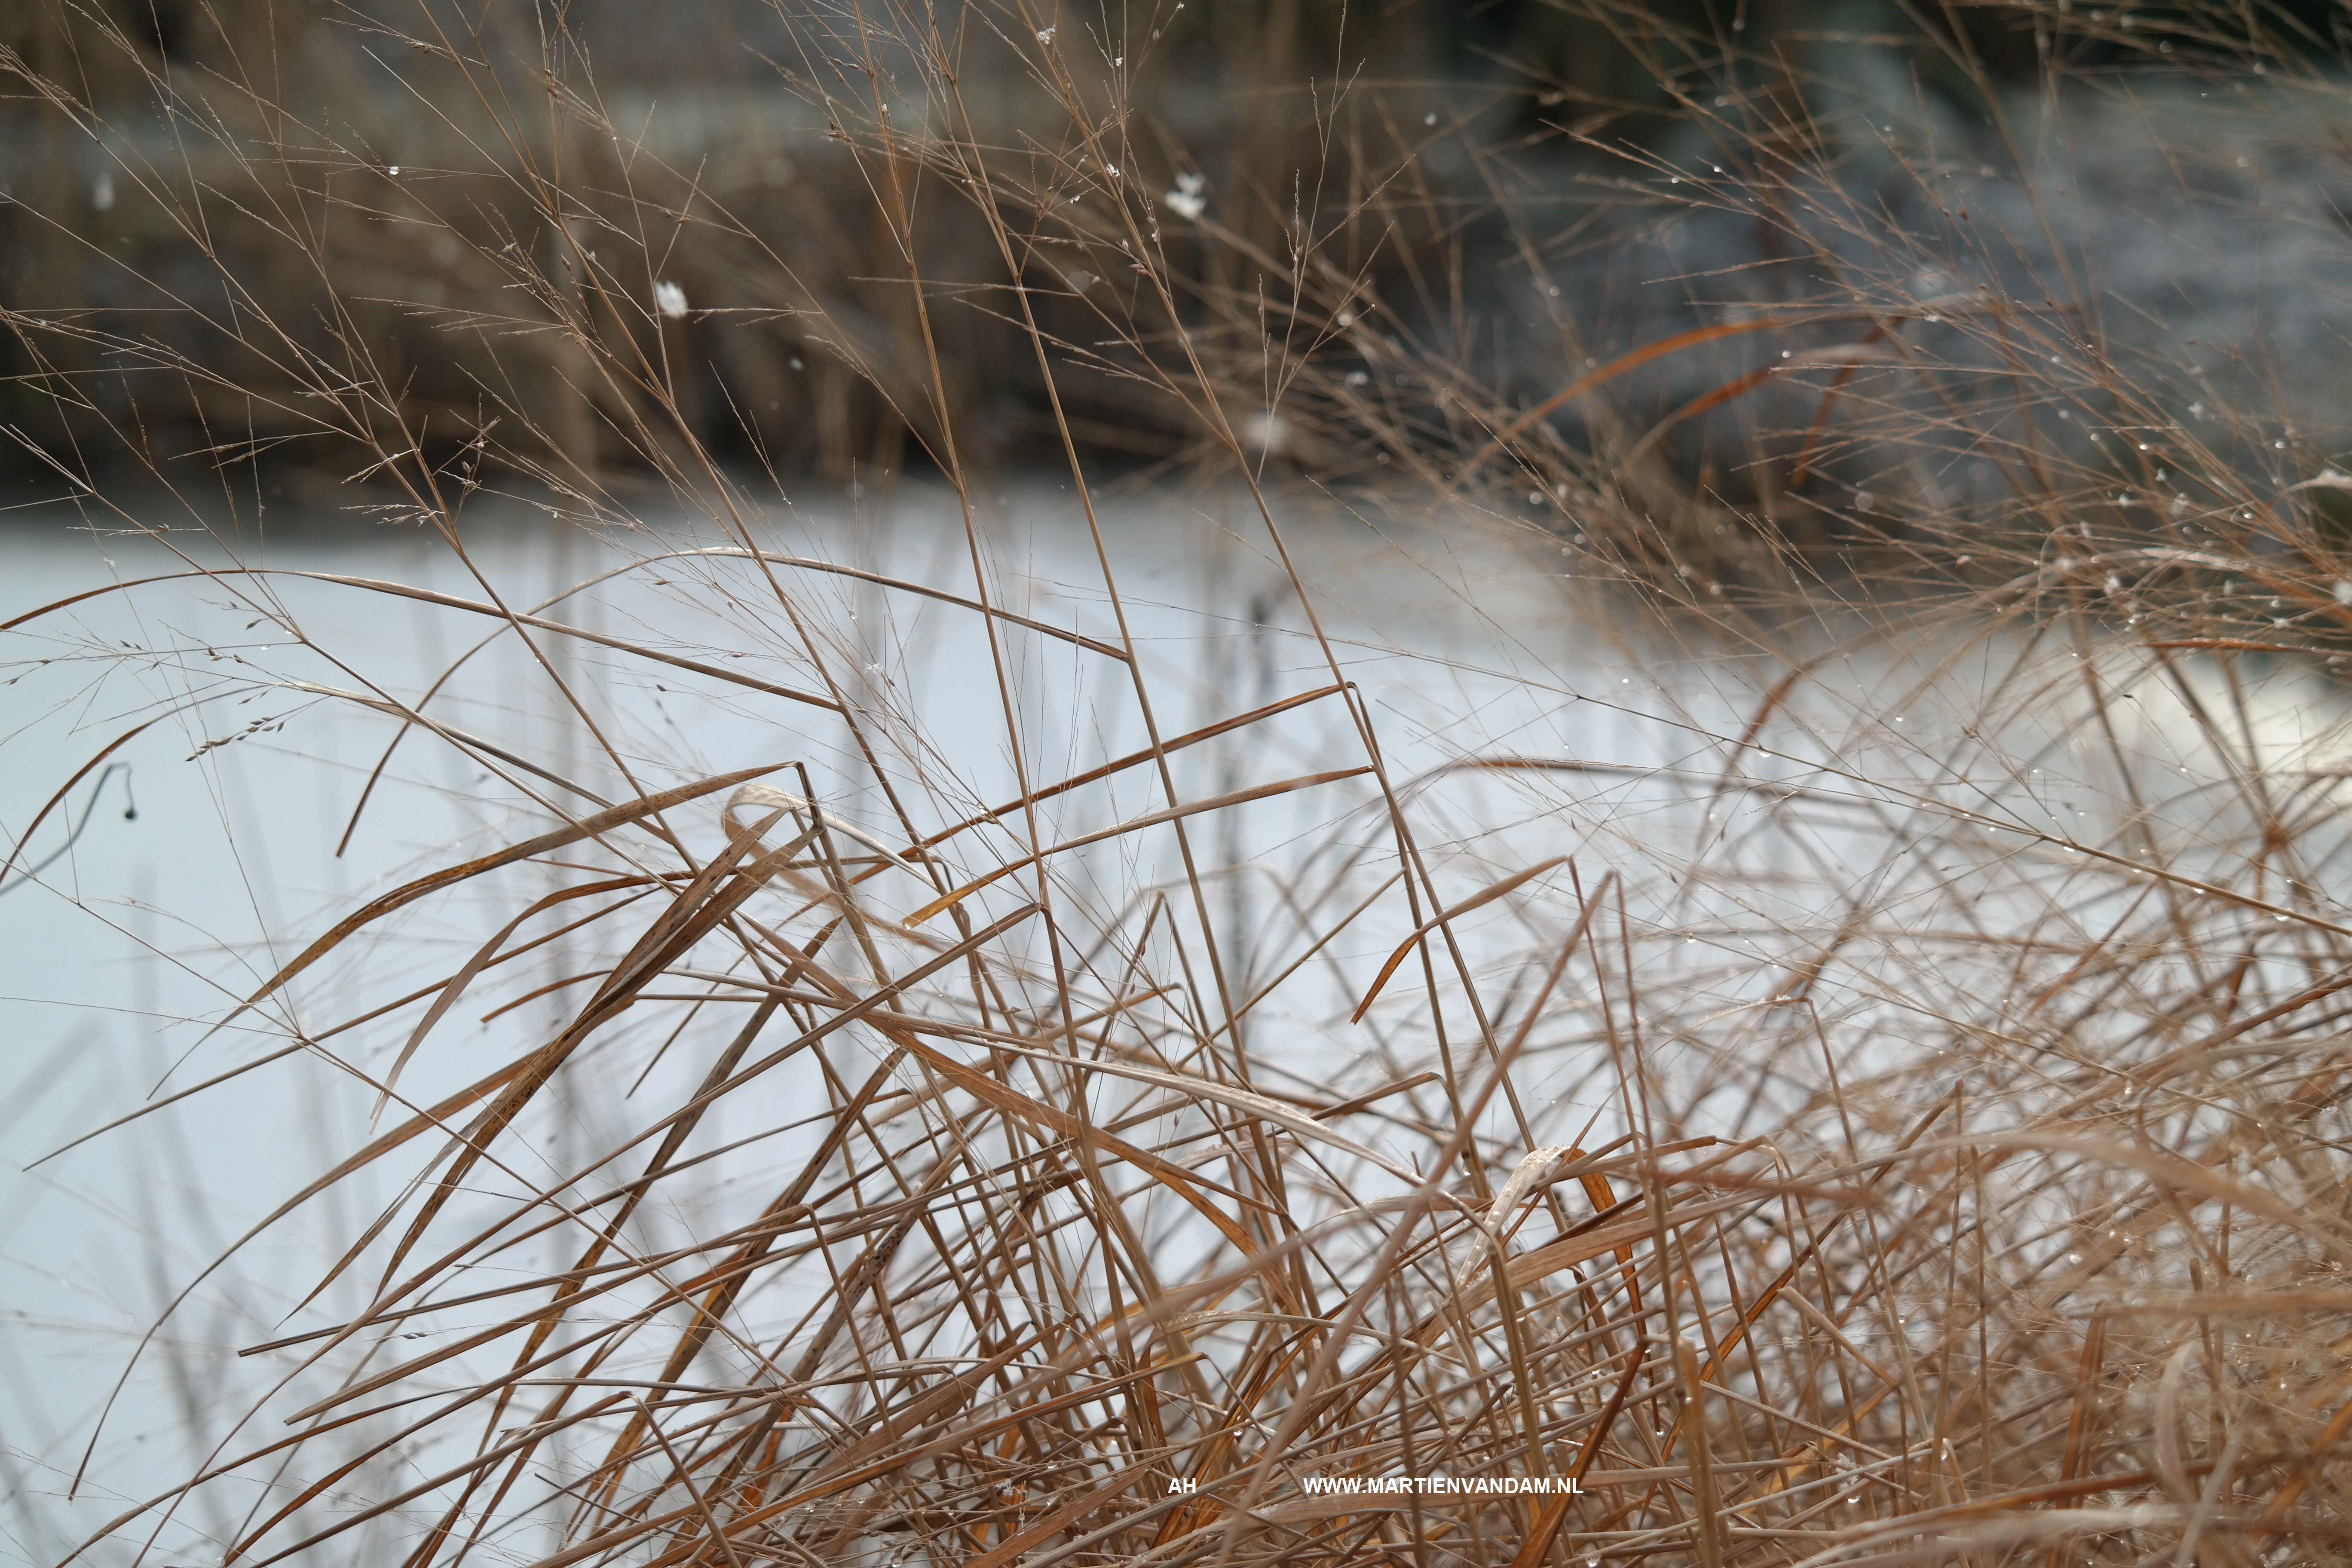 gras winterbeeld – Niet direct de pollen afknippen, dit geeft een kaal beeld in de tuin en ontneemt vogels een schuilplaats!